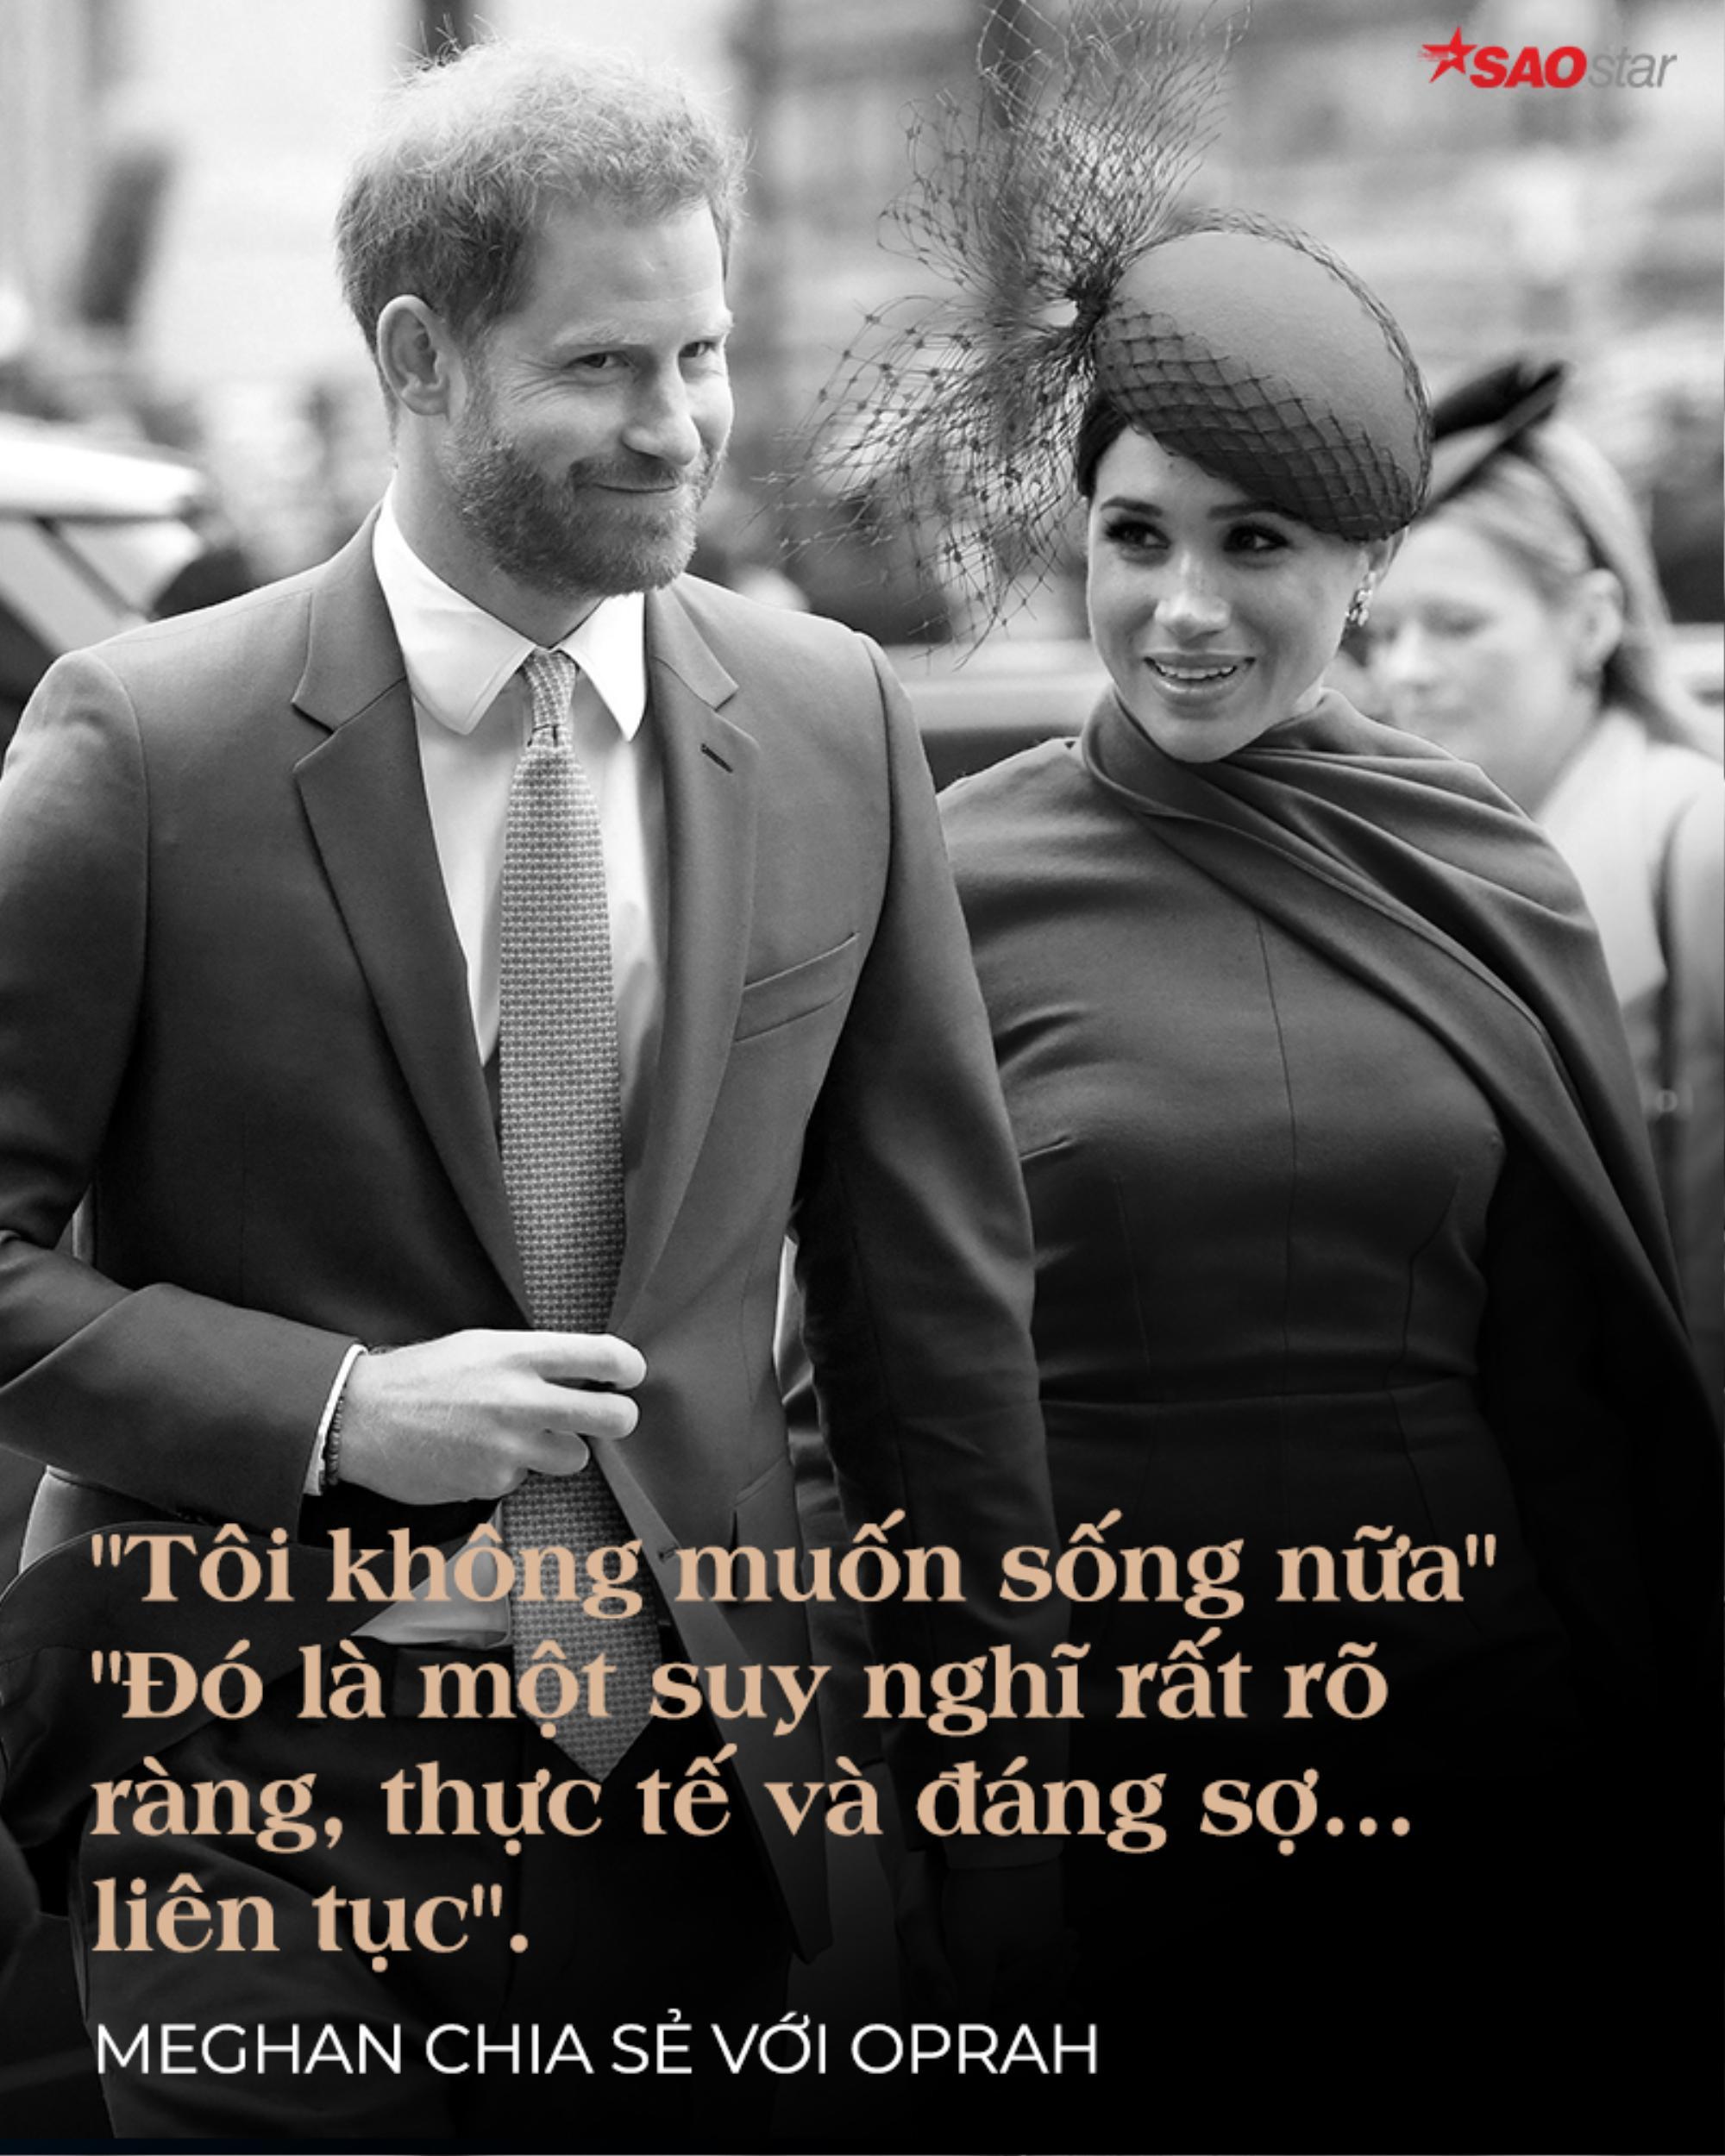 'Linh hồn của Diana đã dẫn lối cho Harry và Meghan rời bỏ Hoàng gia' Ảnh 4